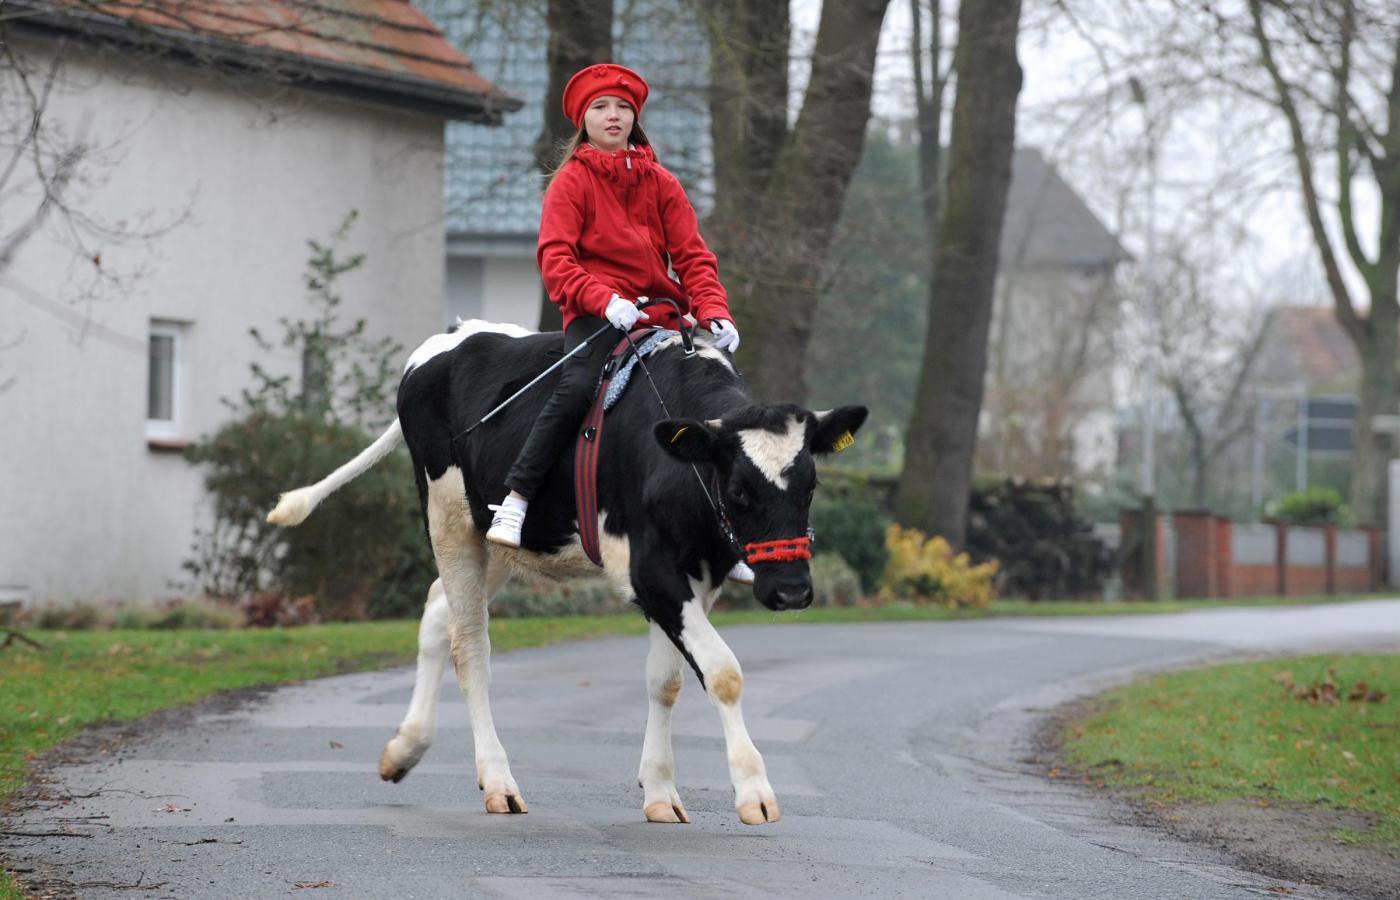 Germania, la ragazzina che a 12 anni cavalca la mucca07